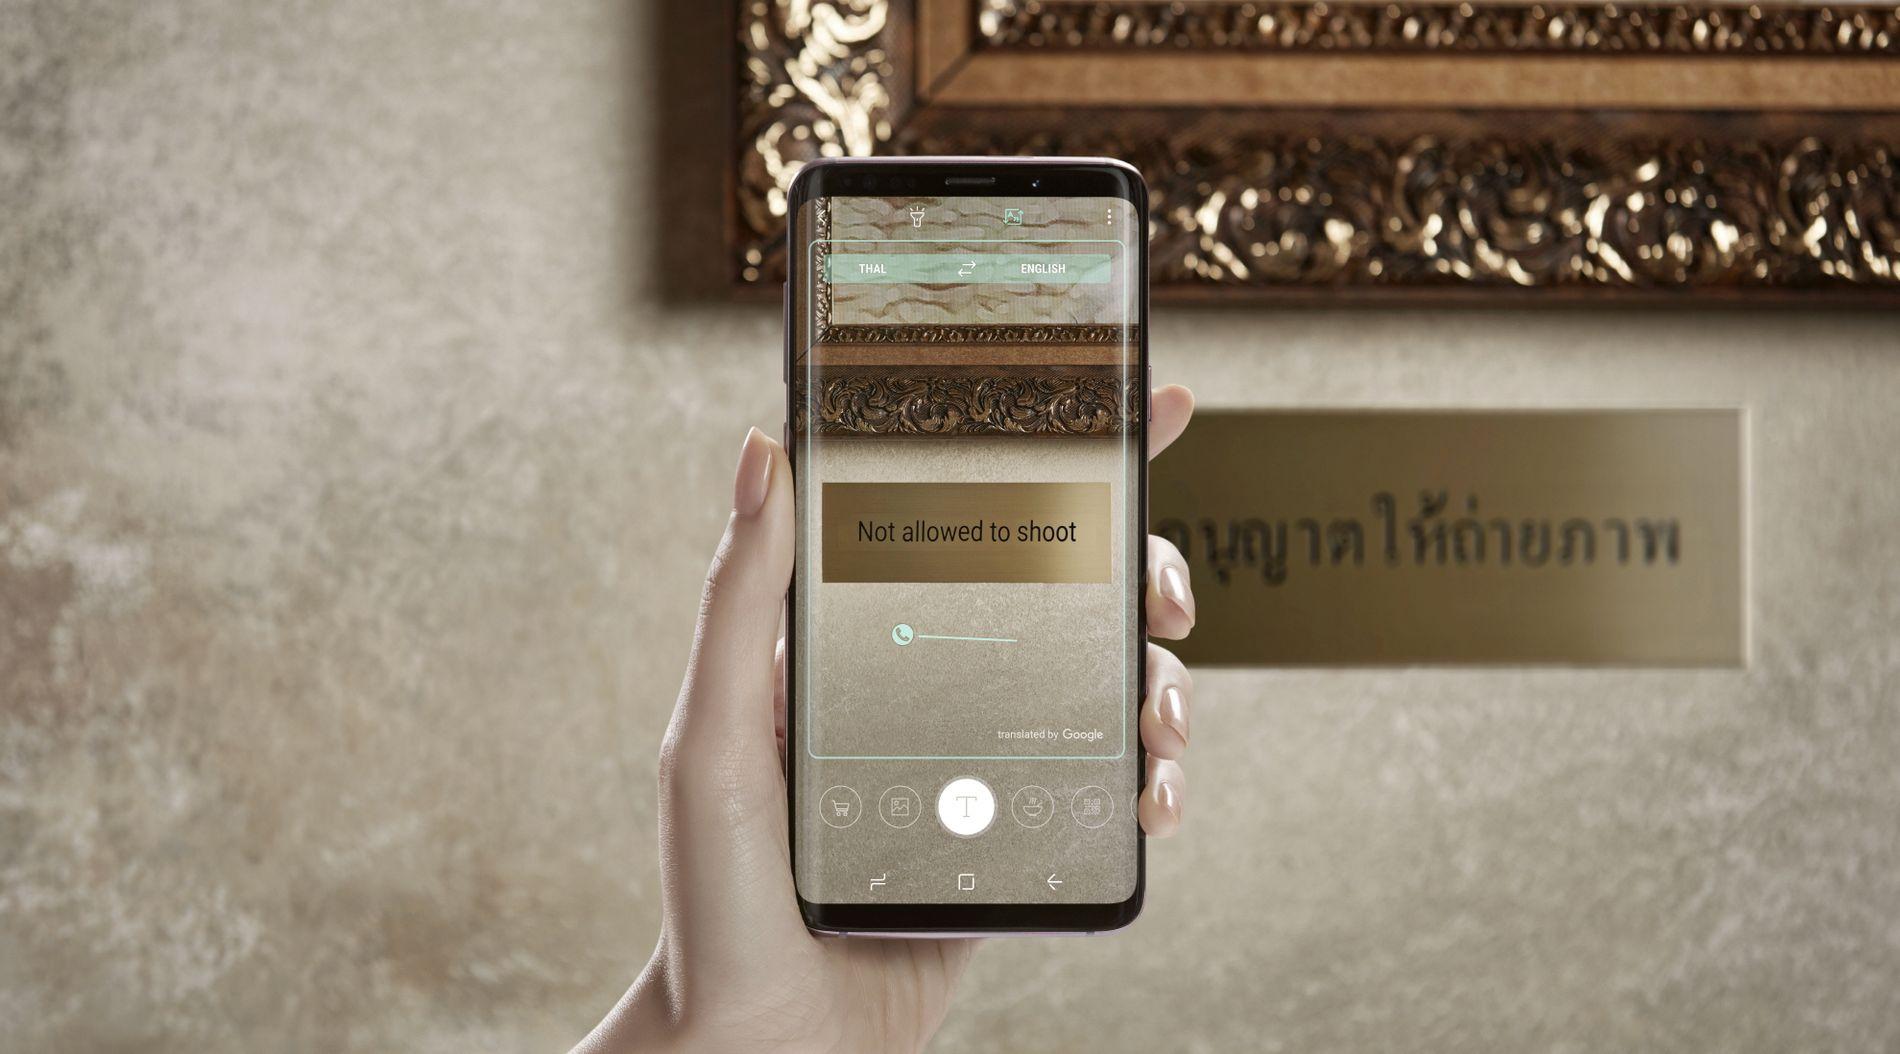 Bixby kan oversette språk du ikke kan ved å ta bilder av skilt og annen tekst.